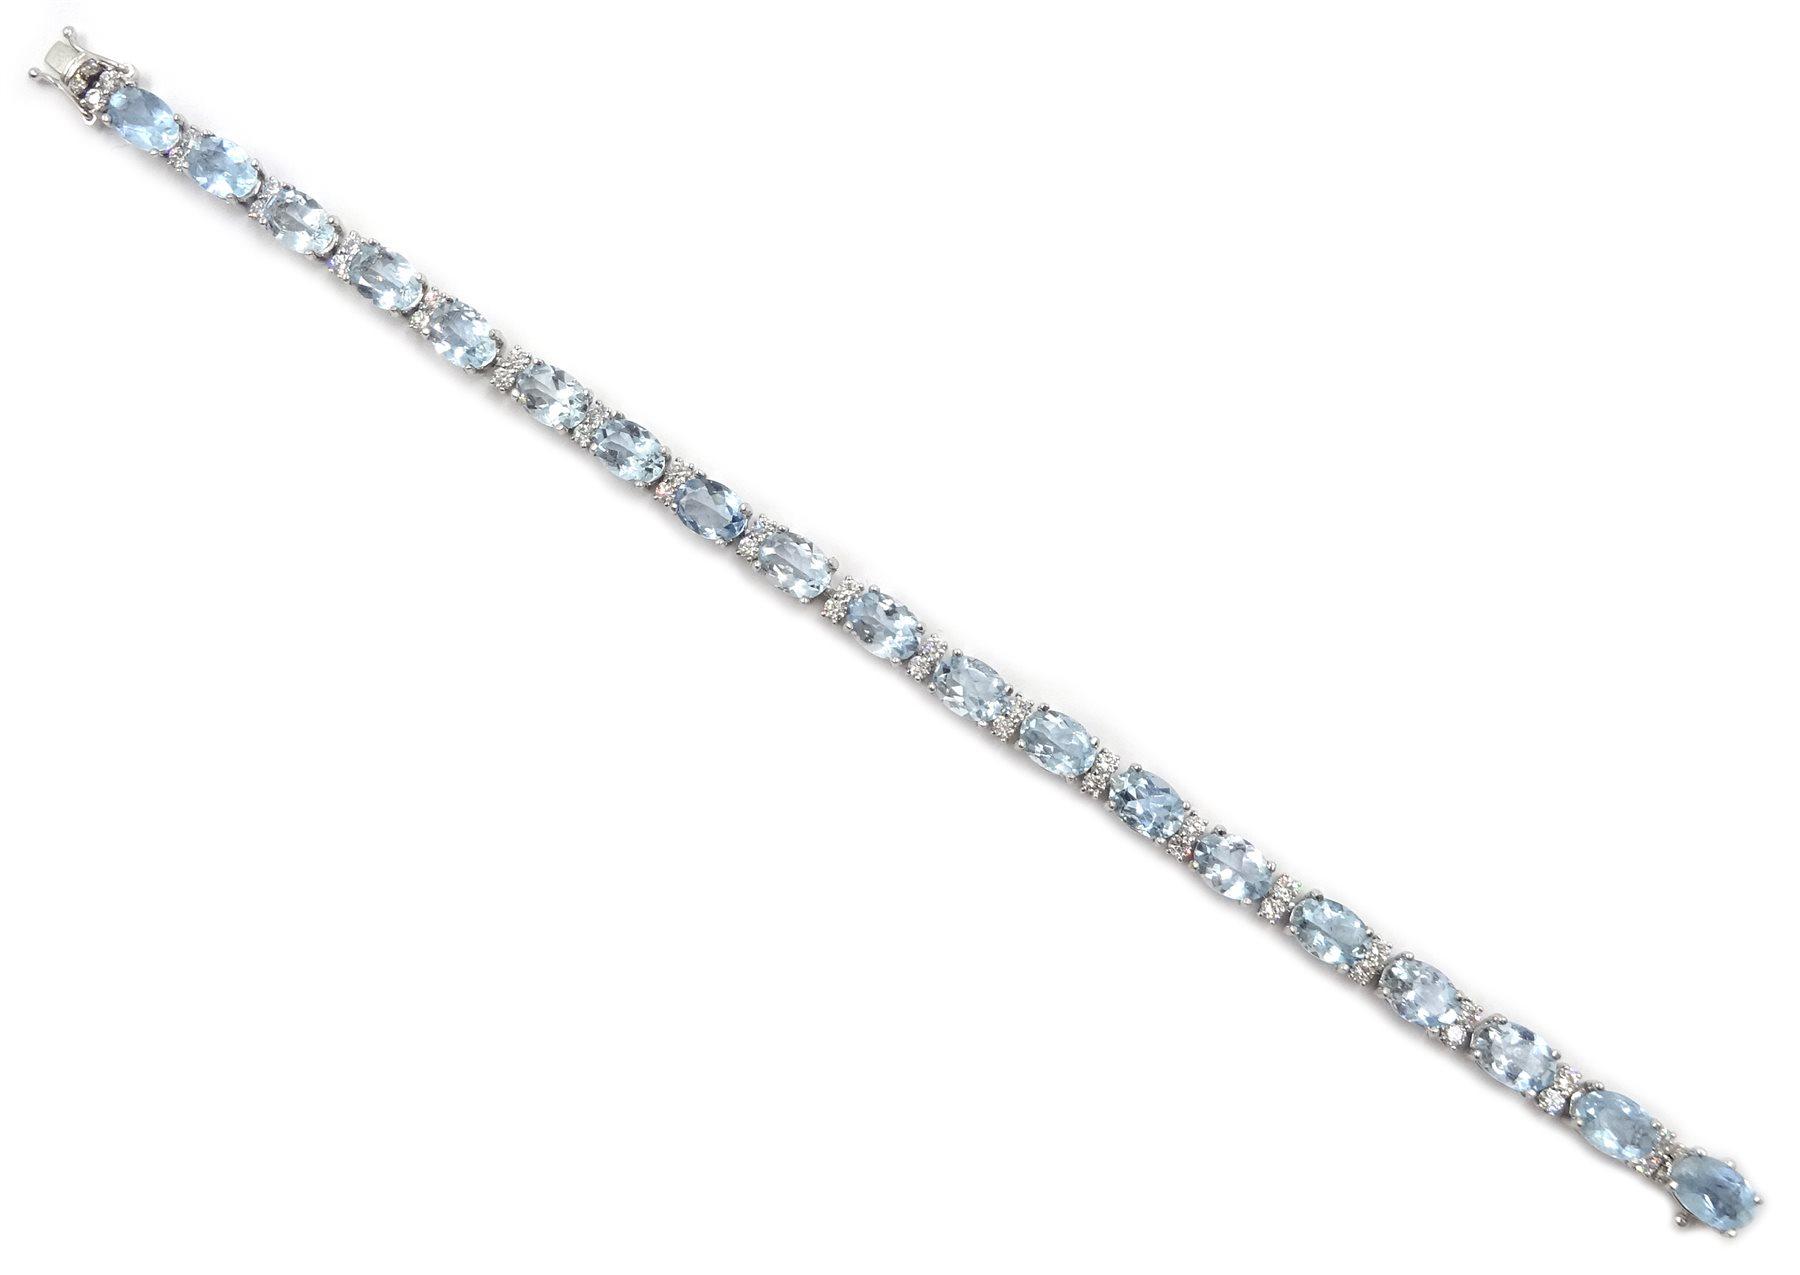 18ct white gold oval aquamarine and diamond bracelet - Image 3 of 5